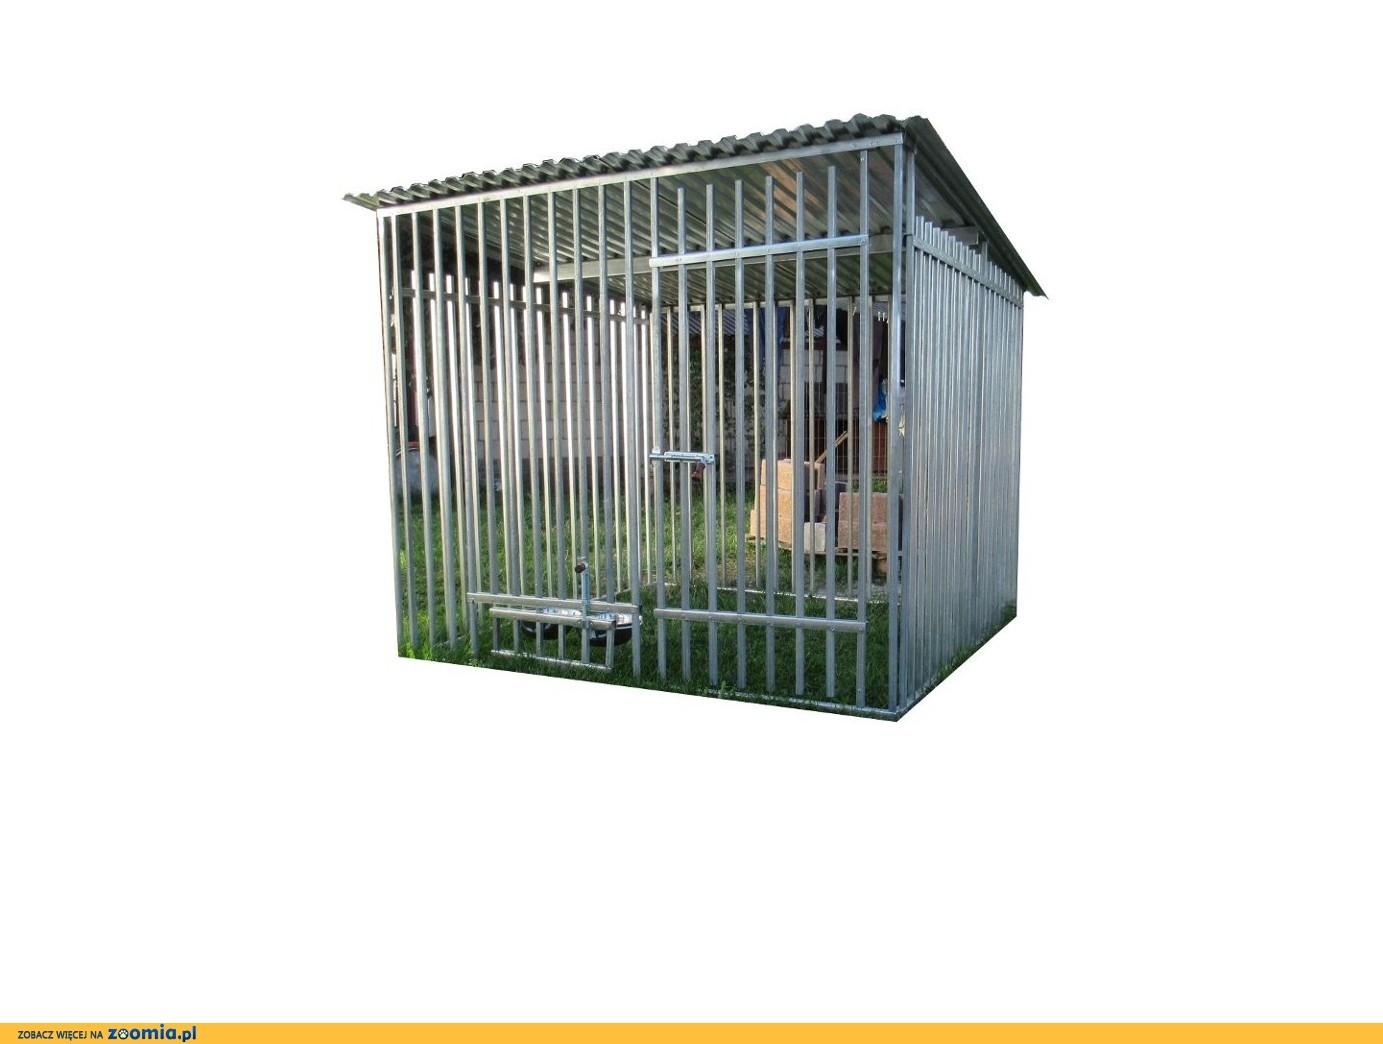 Kojec dla psa kojce dla psów różne wymiary Producent KŁOBUCK Śląsk śląskie